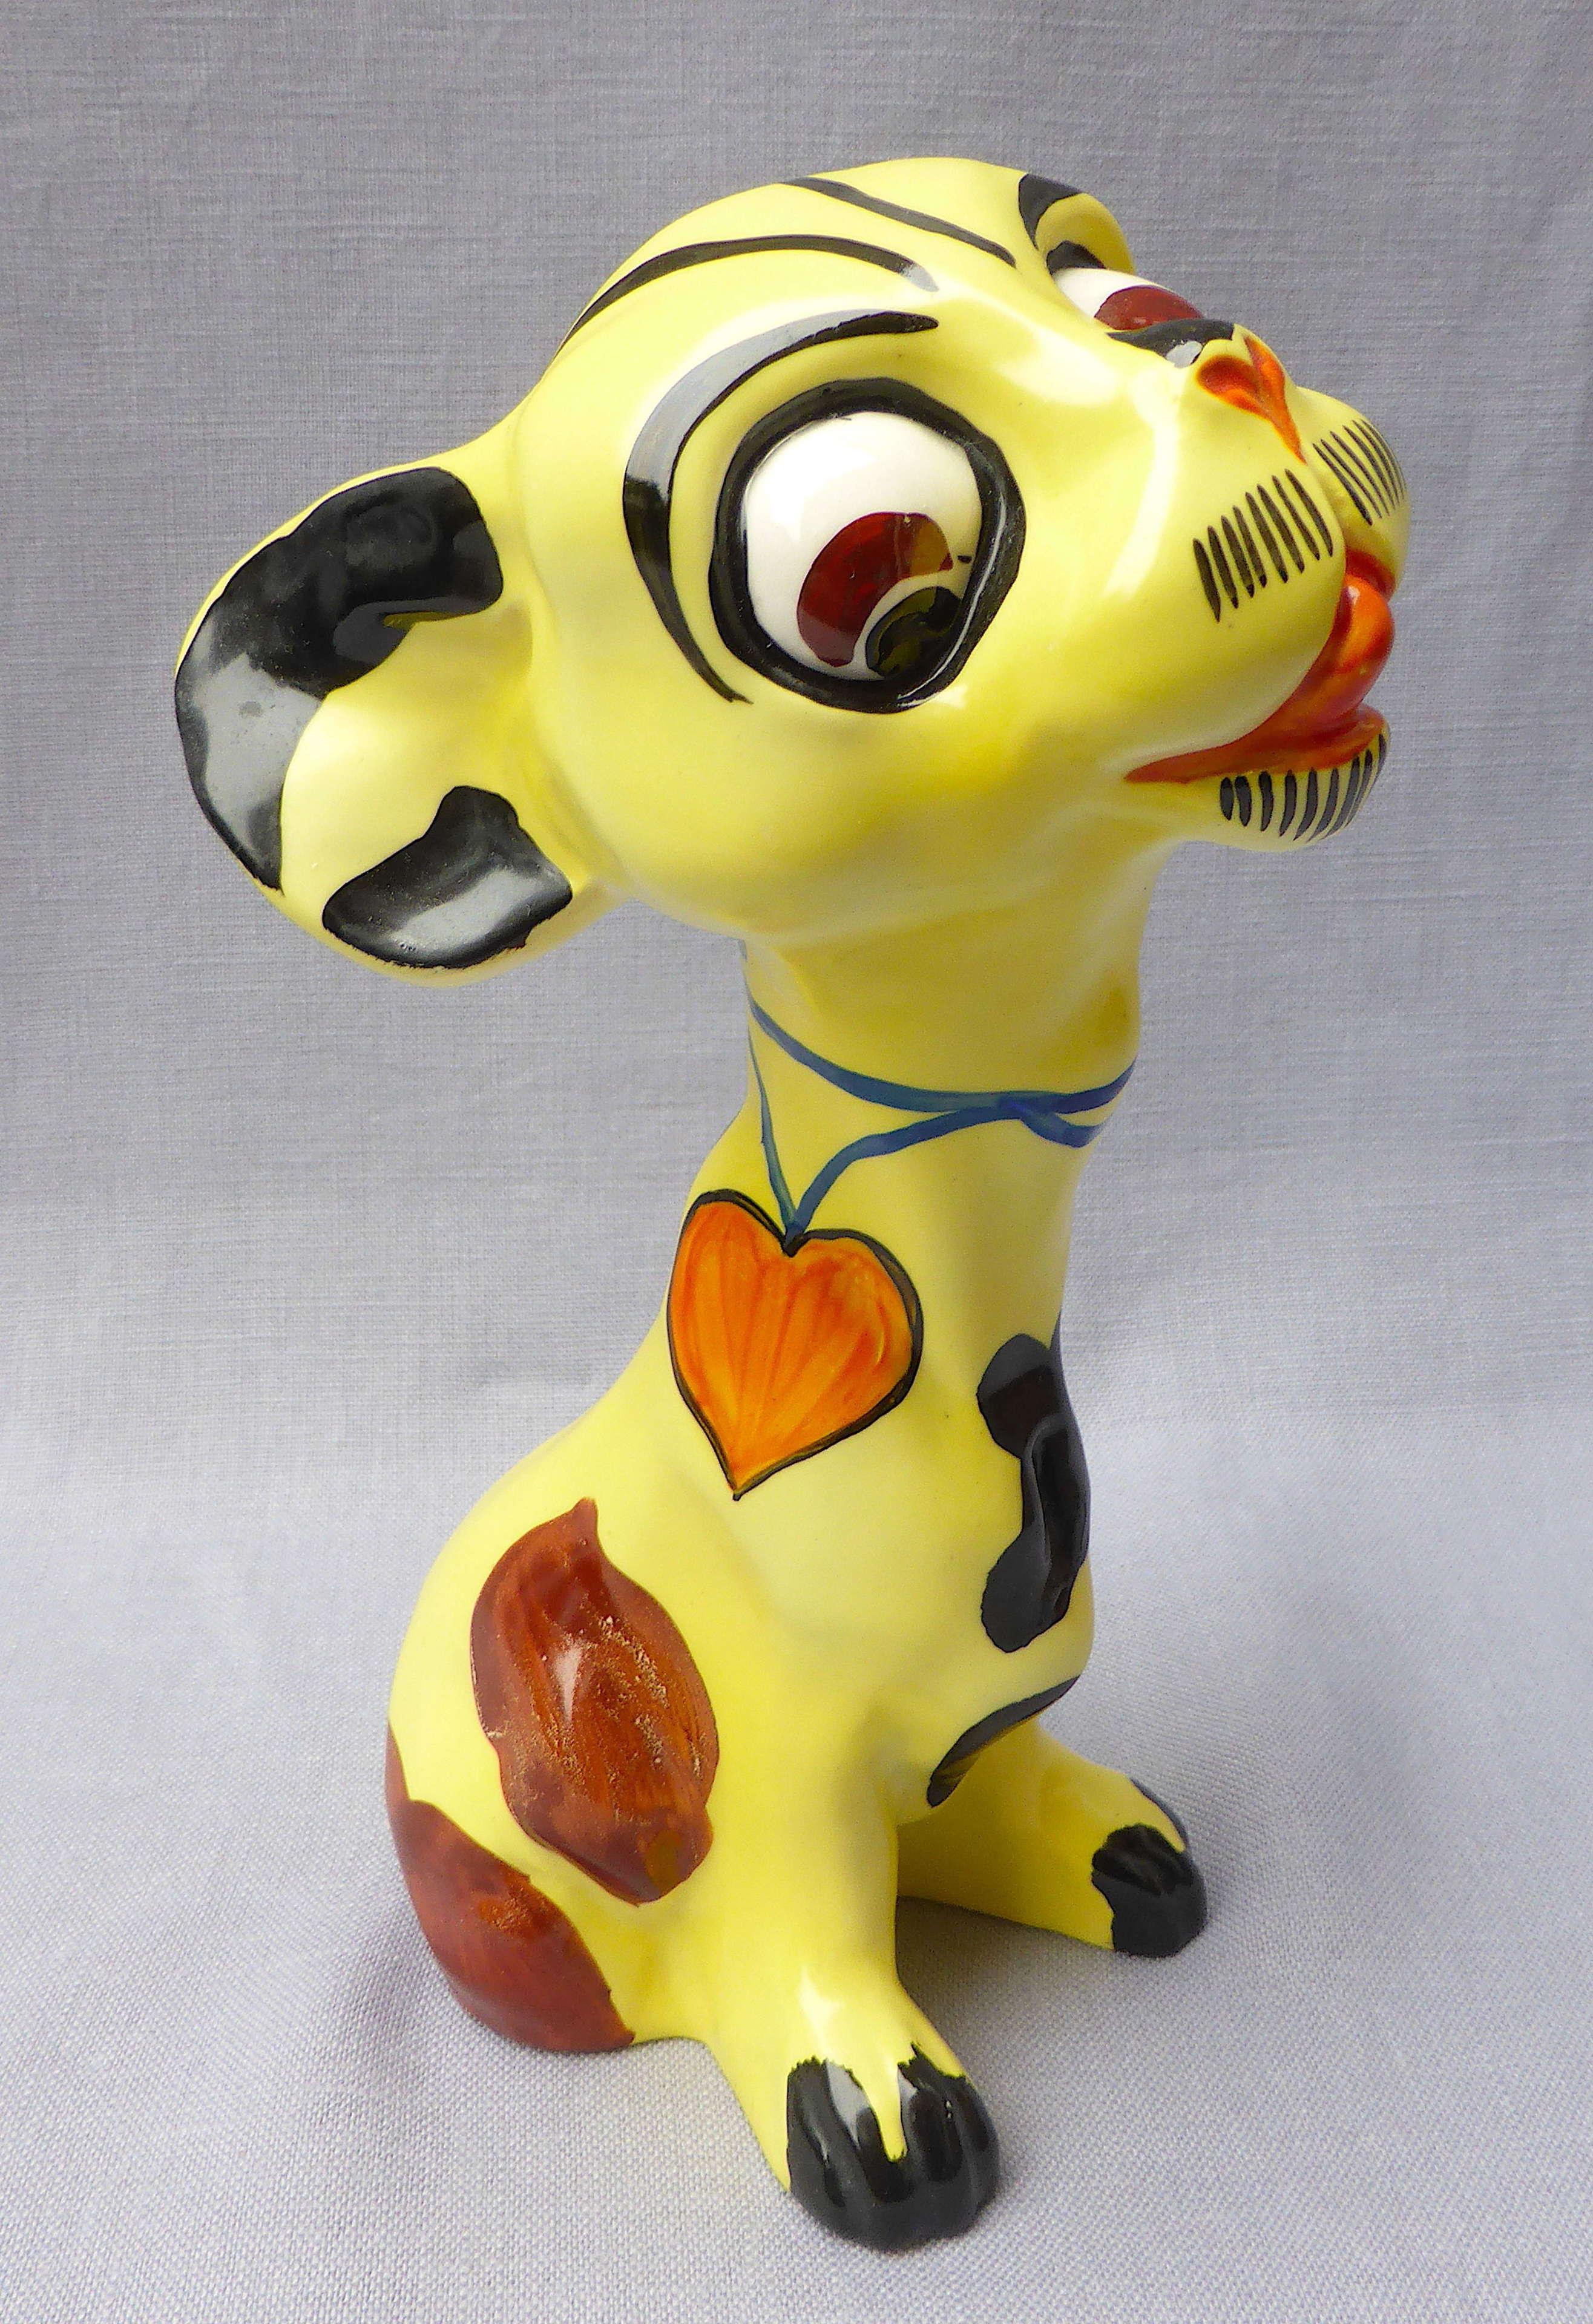 Rare 1930s Art Deco Ditmar Urbach dog figure